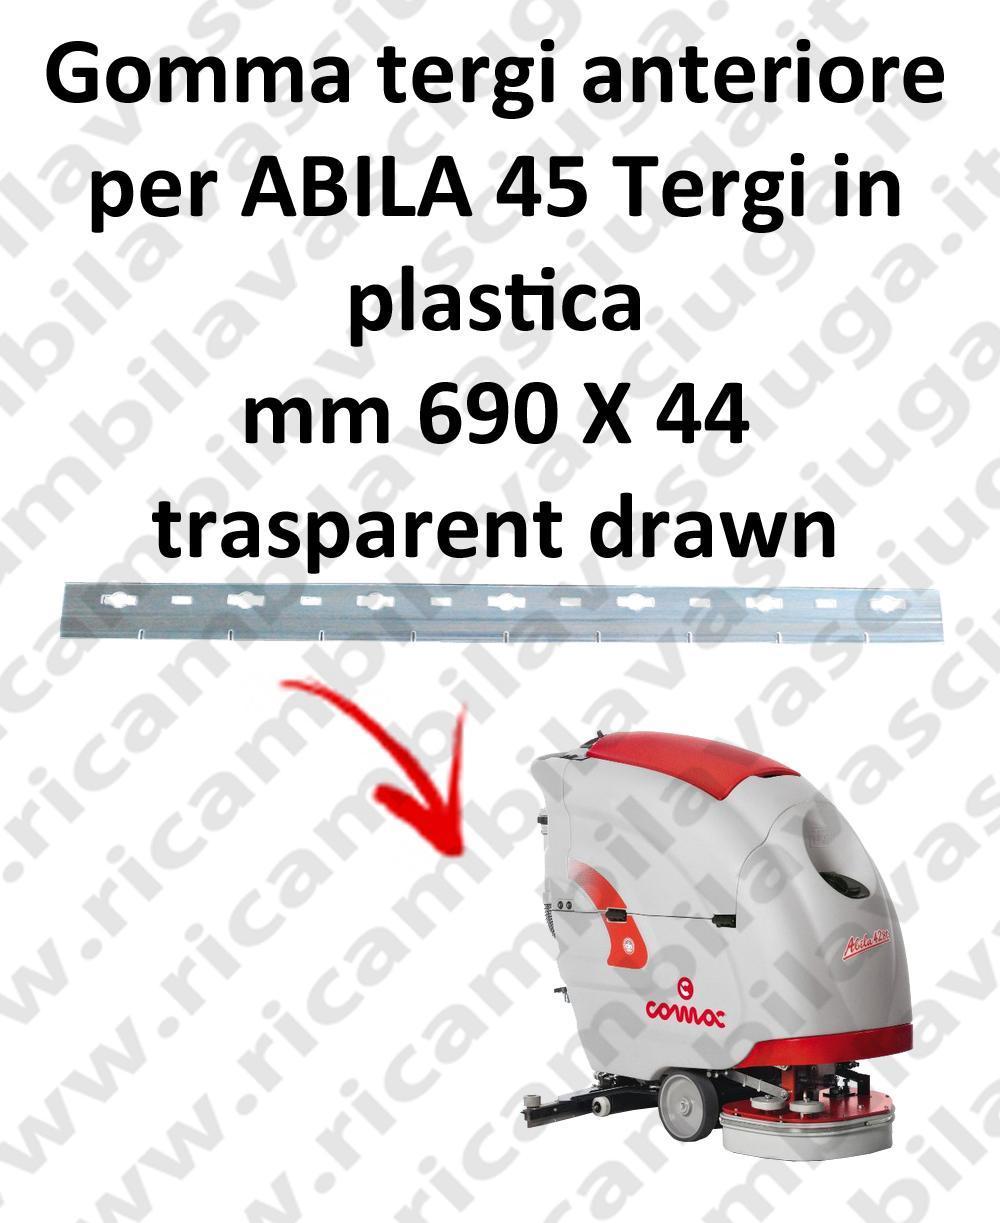 ABILA 45 goma de secado delantera para COMAC repuestos fregadoras squeegee